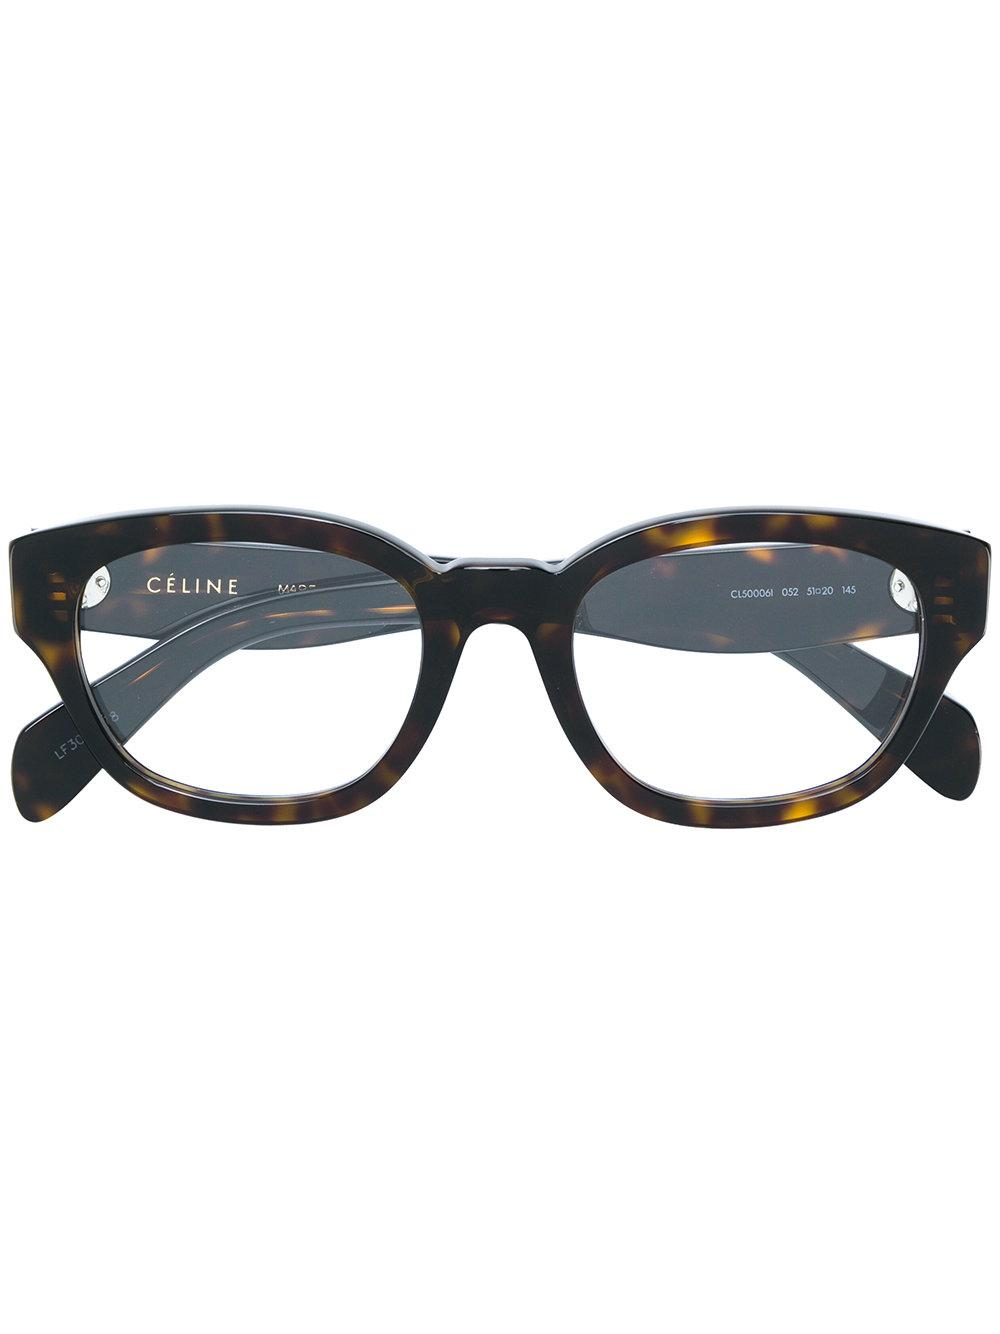 Celine Tortoiseshell Round Frame Glasses In Brown